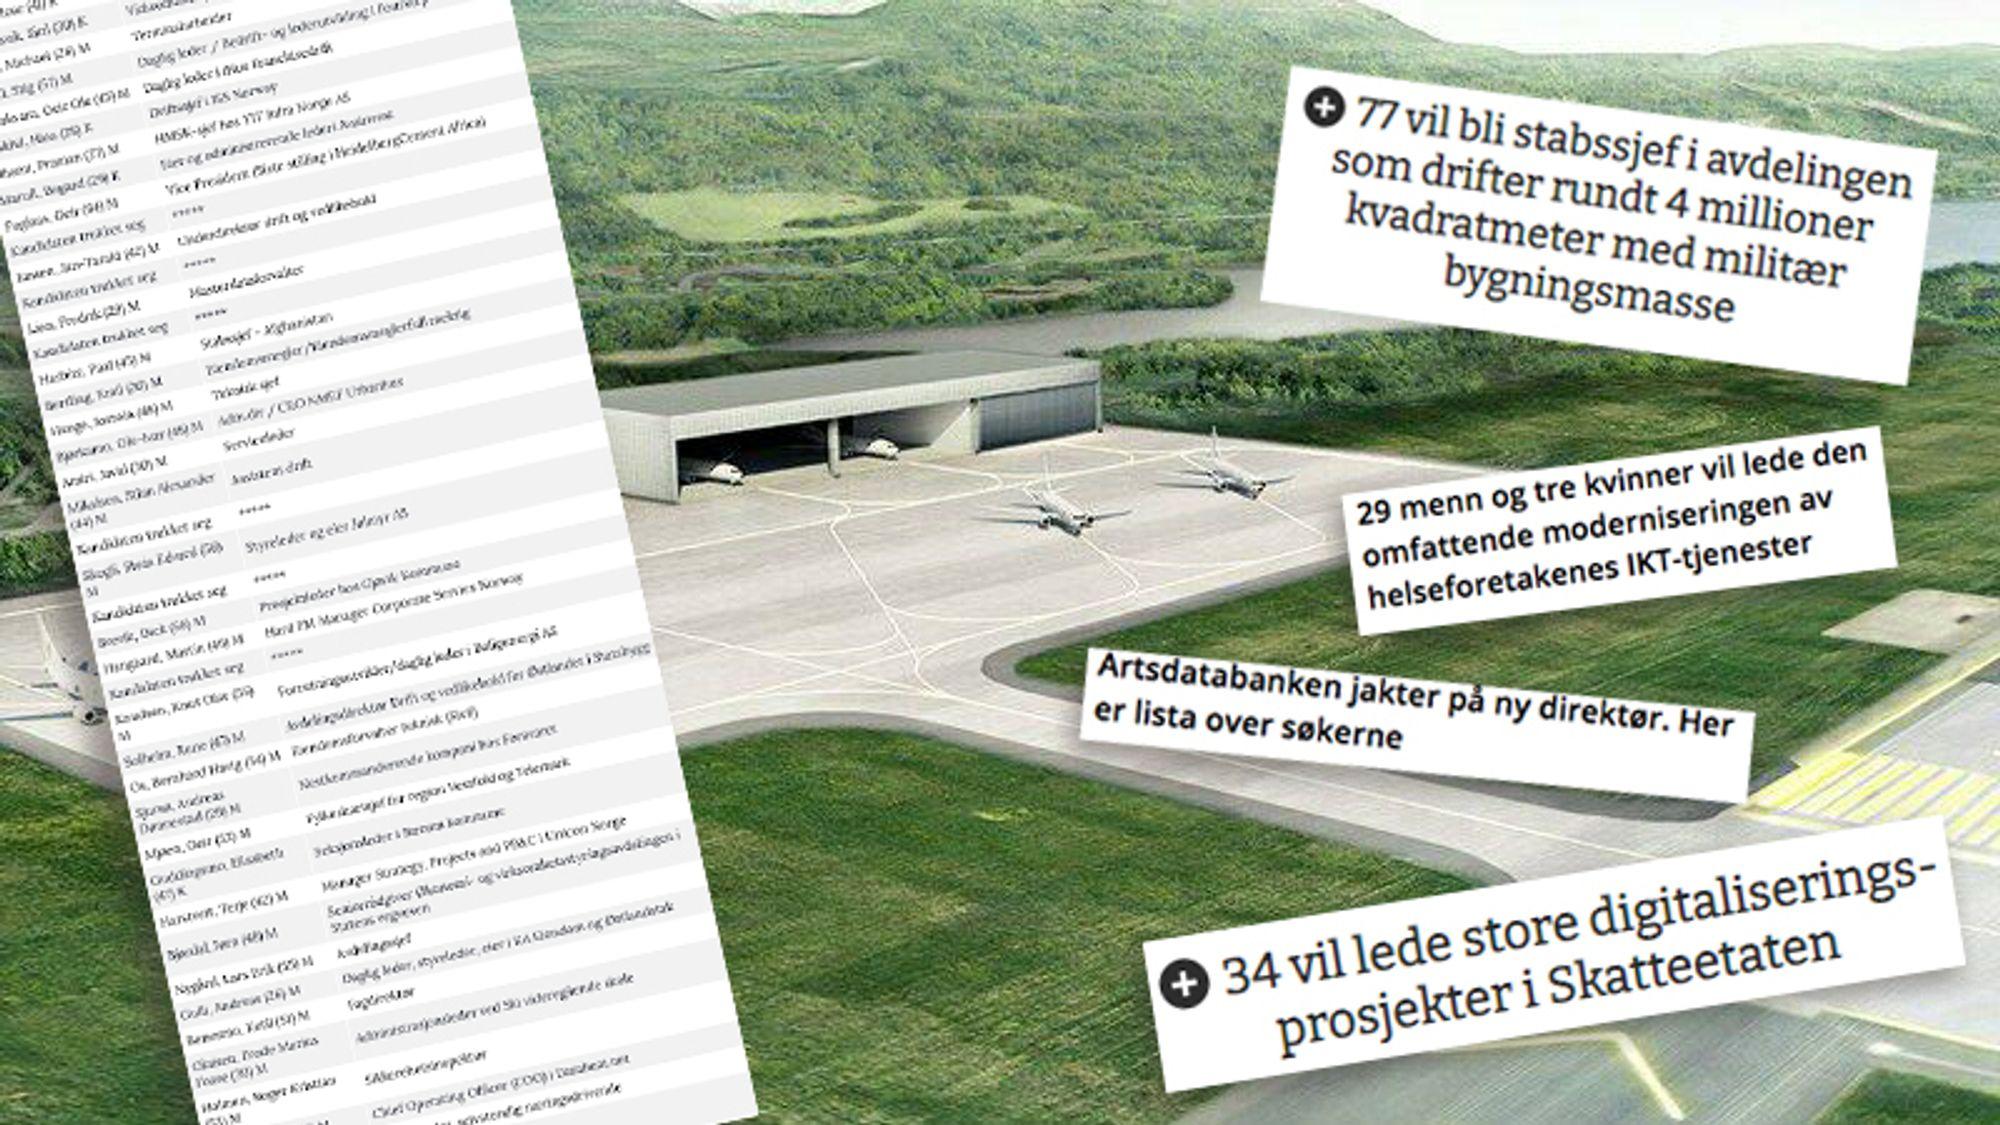 Siden mai i år har Karriere360° publisert saker om søkerlistene til offentlige stillinger i Teknologi-Norge for våre abonnenter. Her forklarer vi hvorfor.